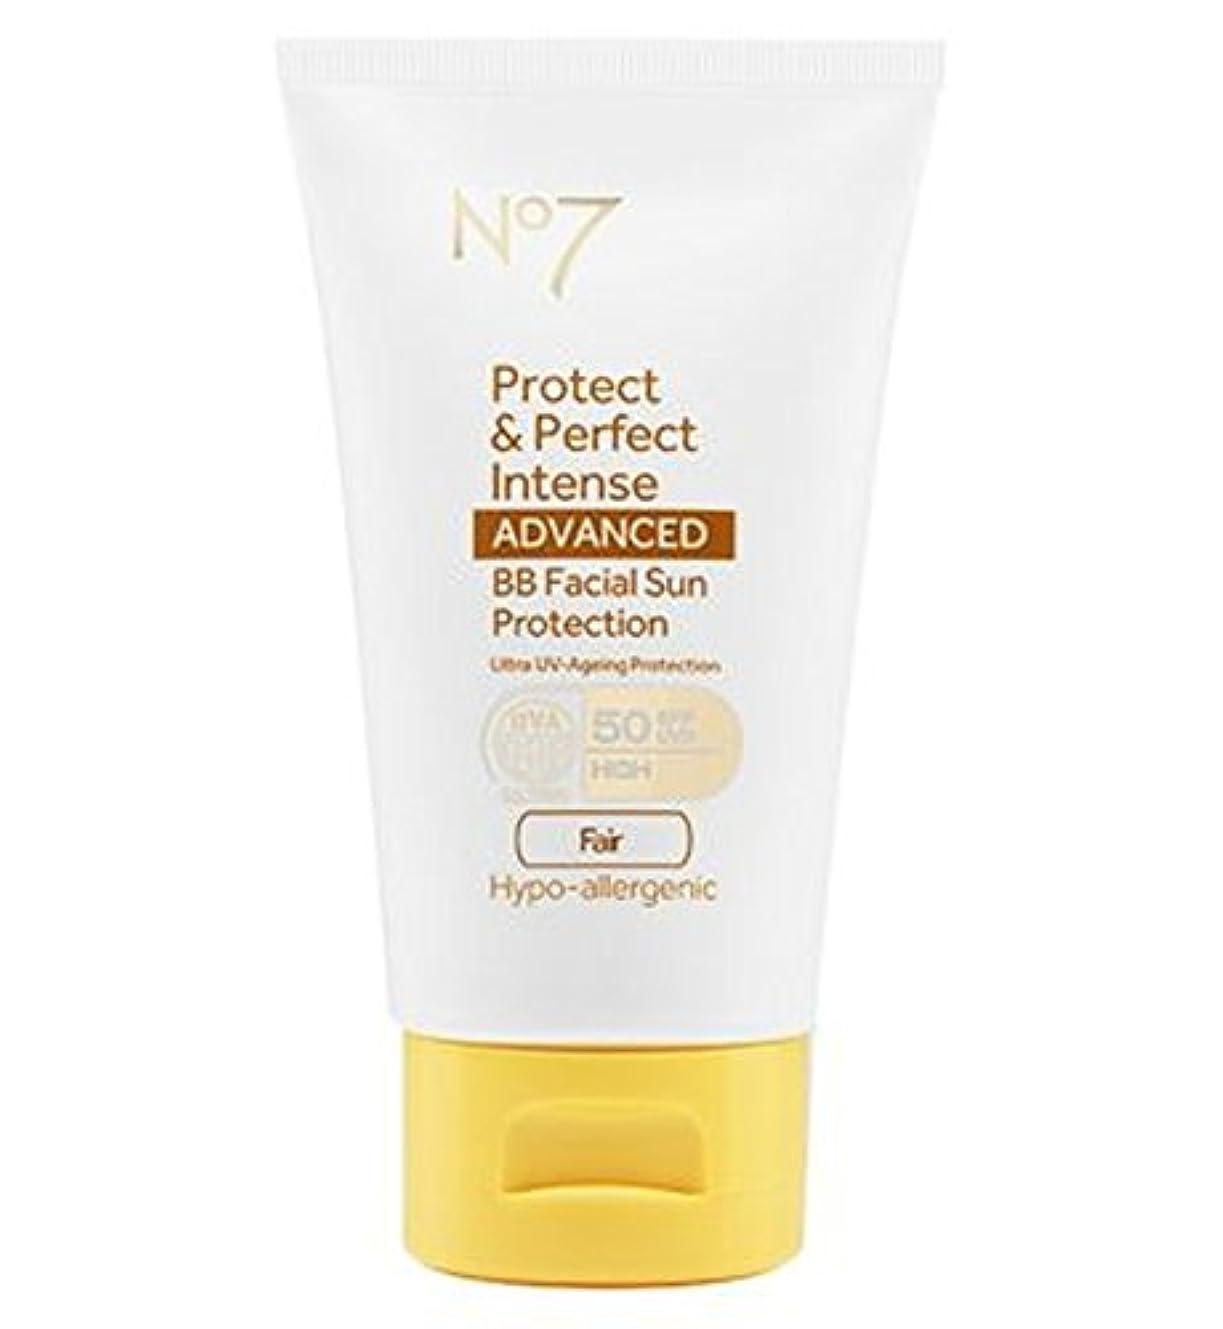 利益生じる兵士No7保護&完璧な強烈な先進Bb顔の日焼け防止Spf50フェア50ミリリットル (No7) (x2) - No7 Protect & Perfect Intense ADVANCED BB Facial Sun Protection SPF50 Fair 50ml (Pack of 2) [並行輸入品]